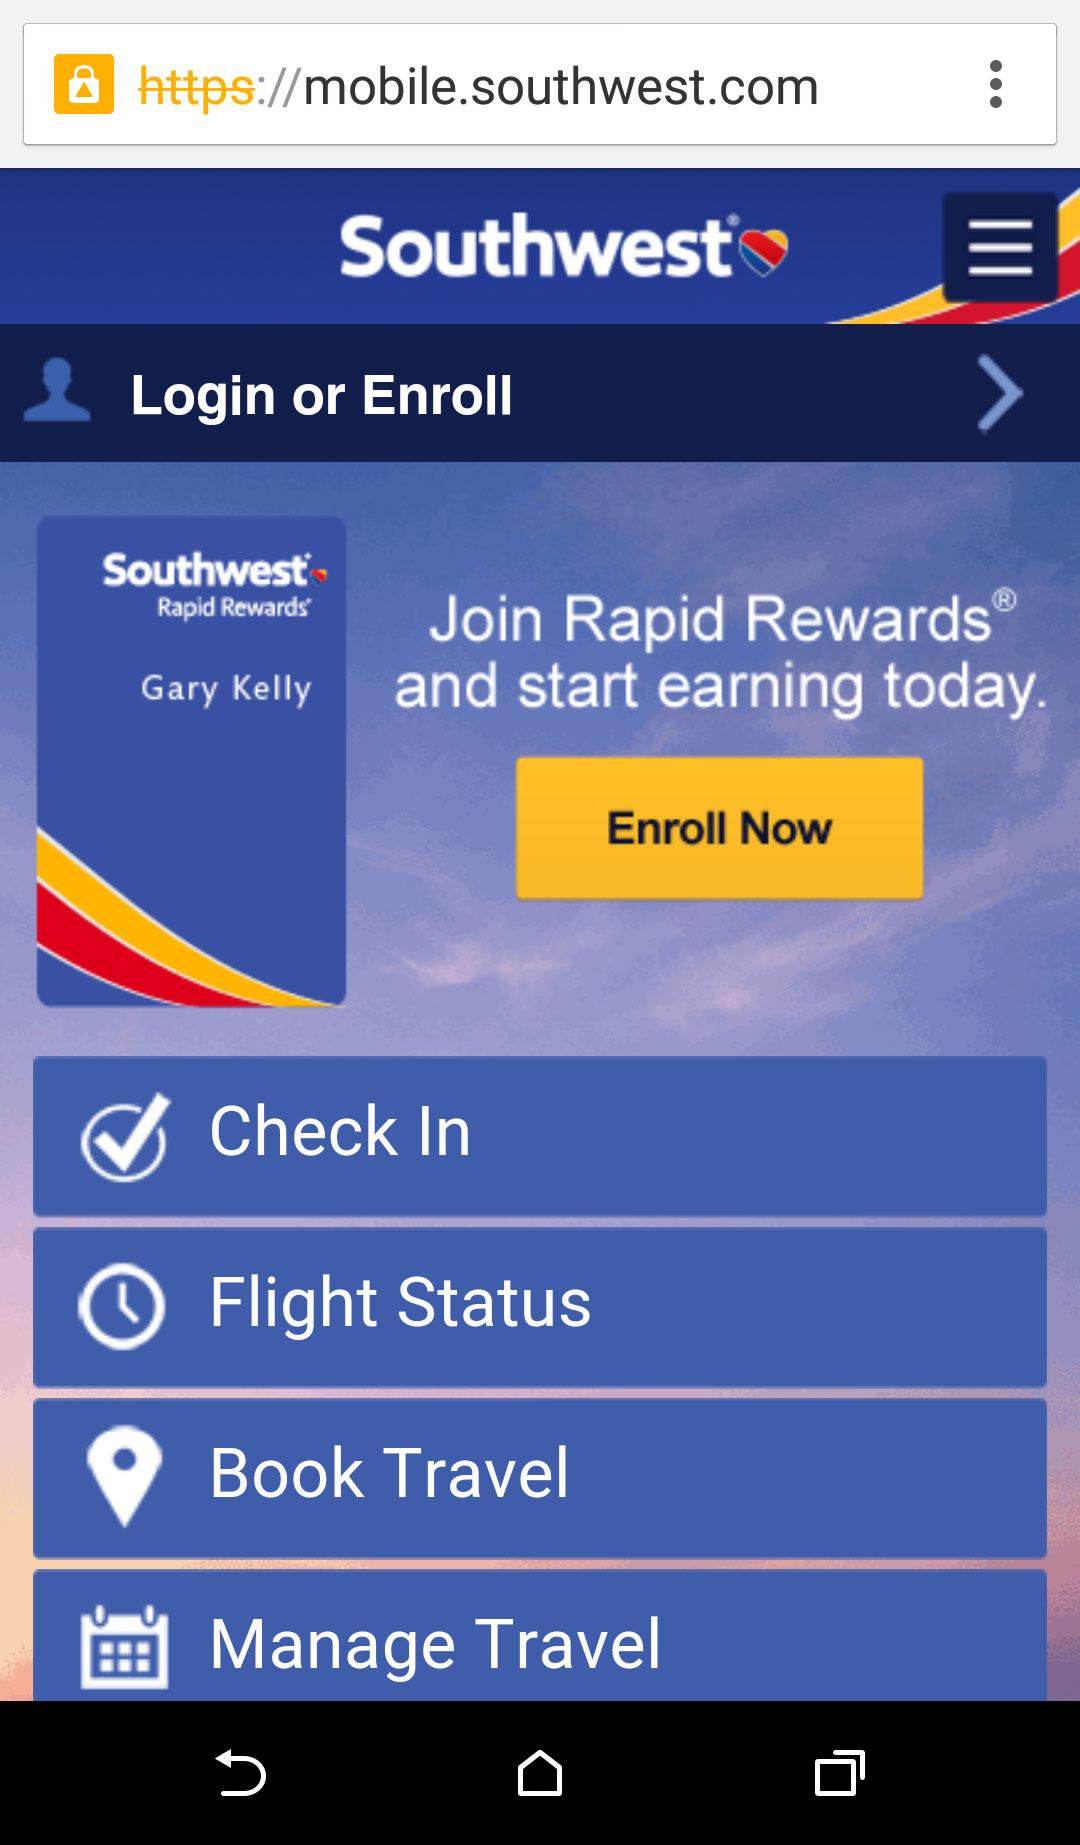 Photo: Southwest.com